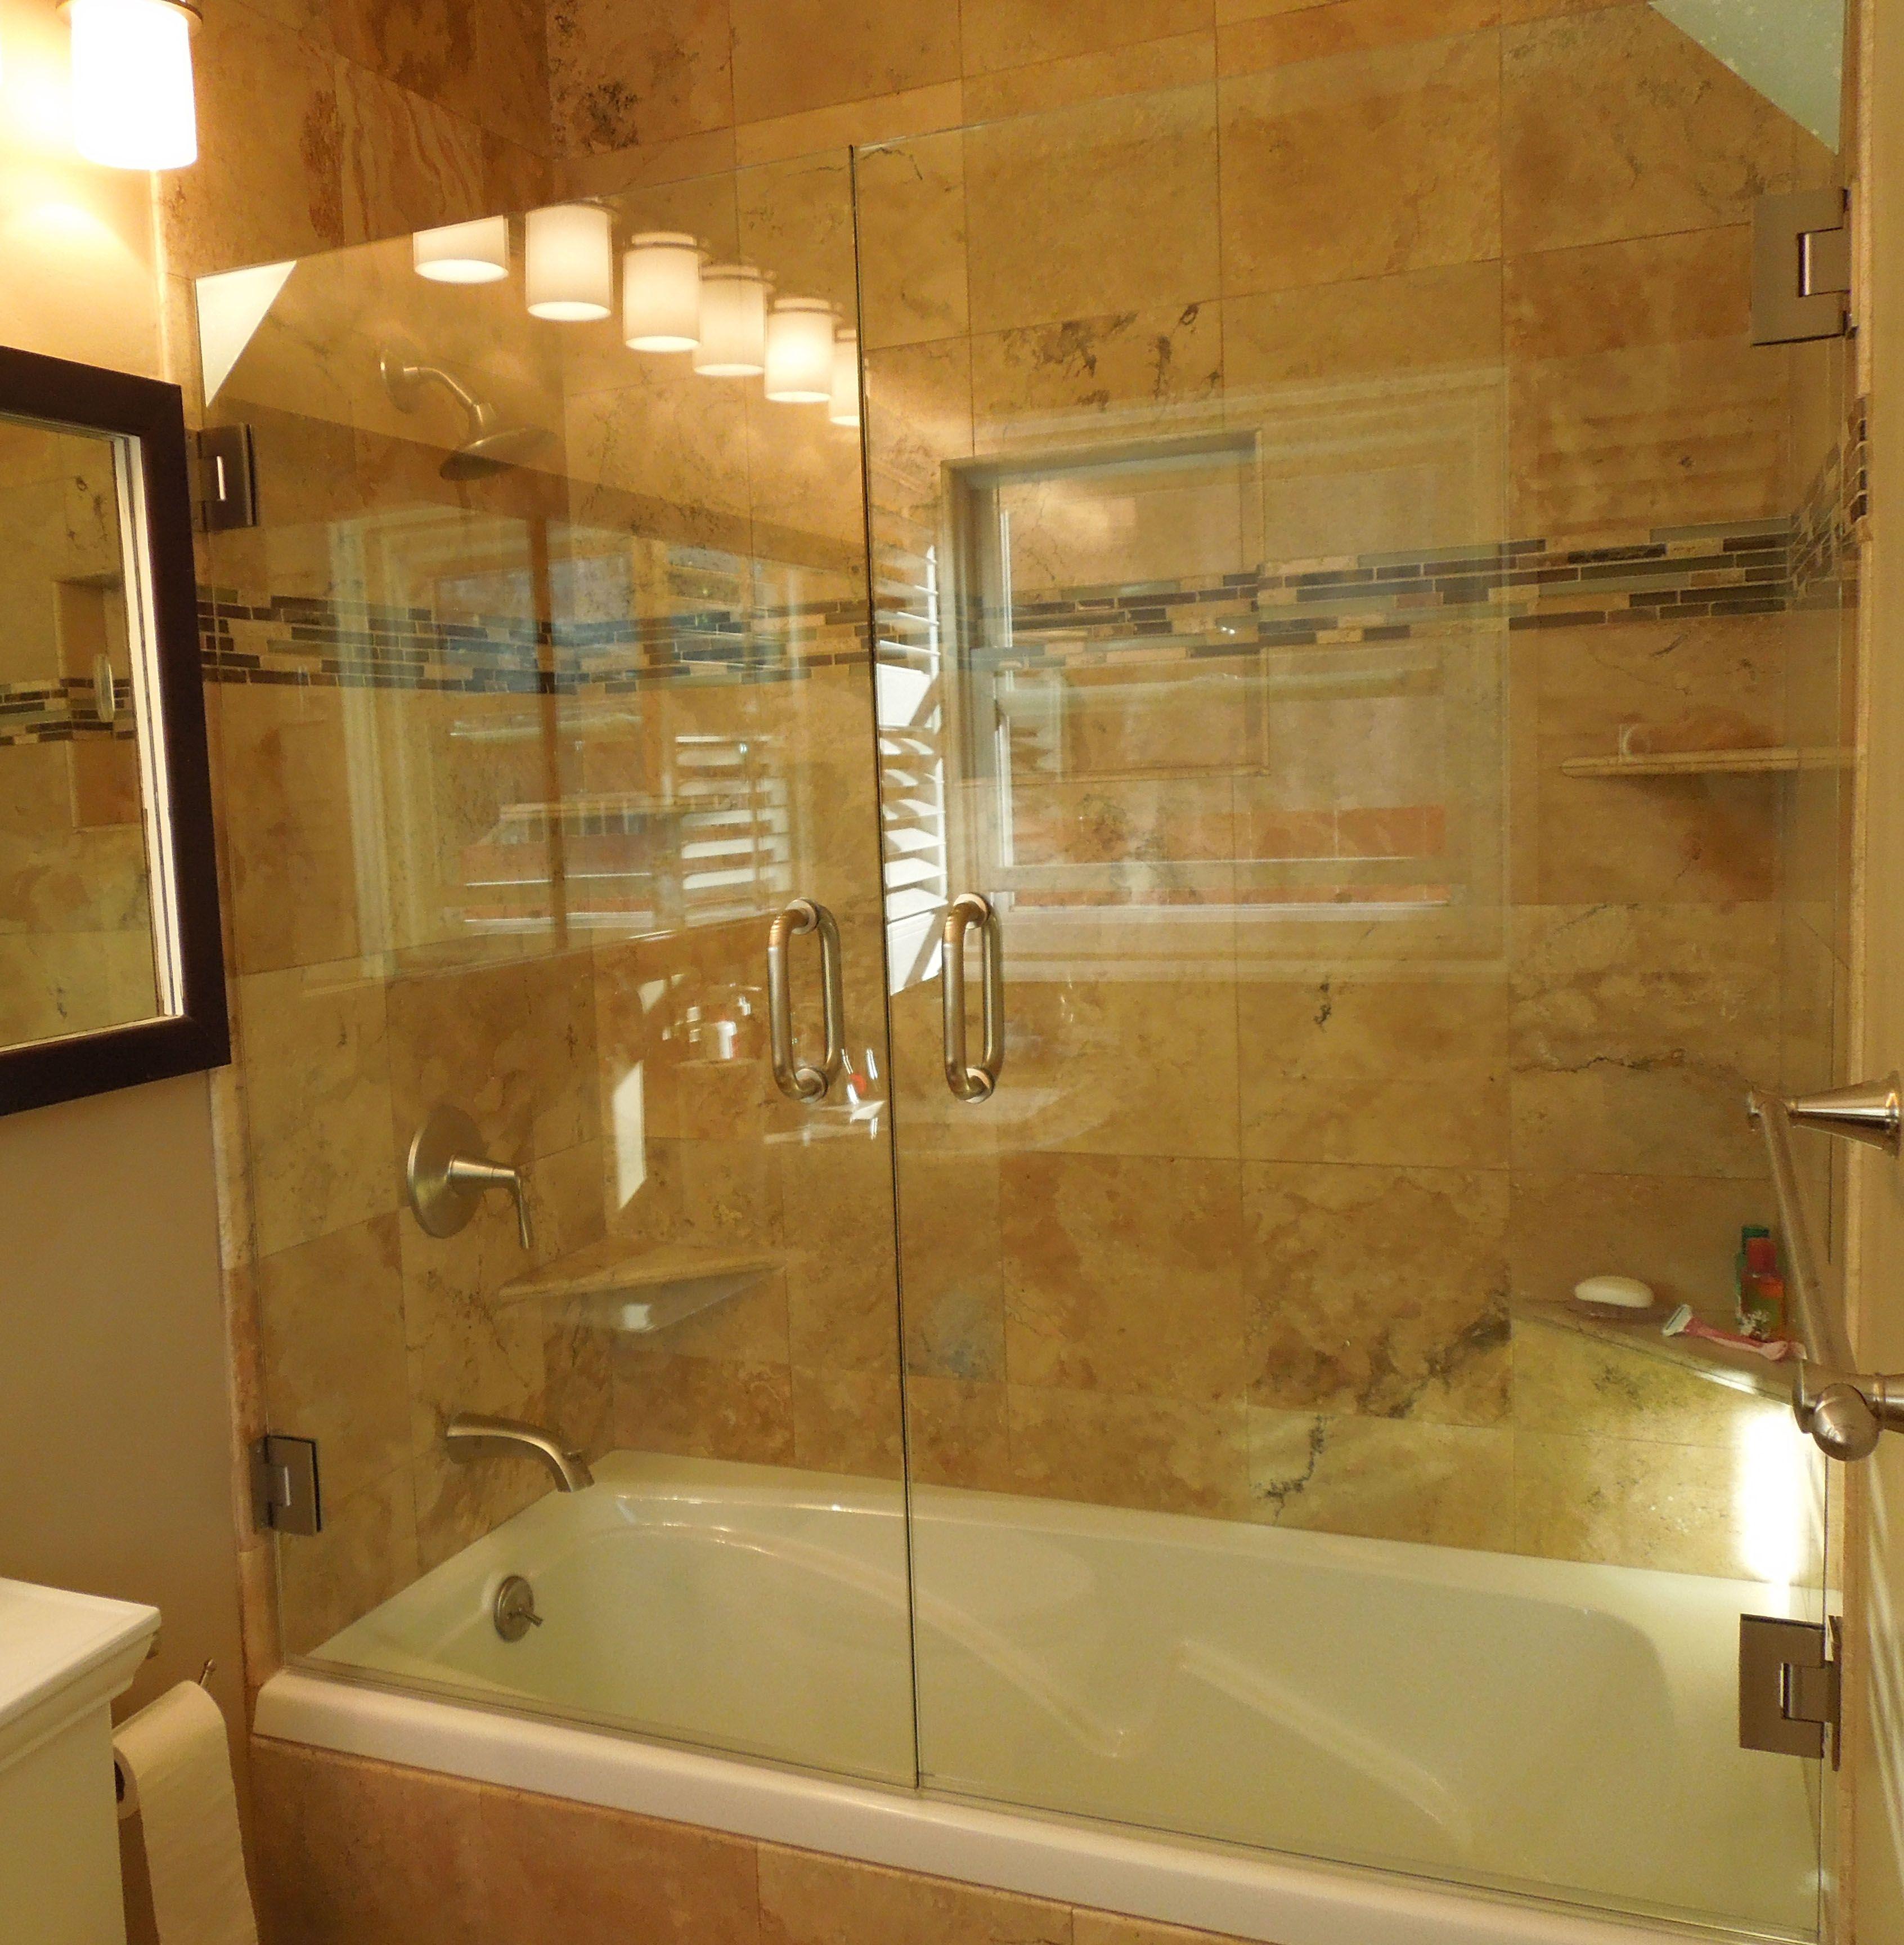 Best shower door for bathtub sourceabl pinterest